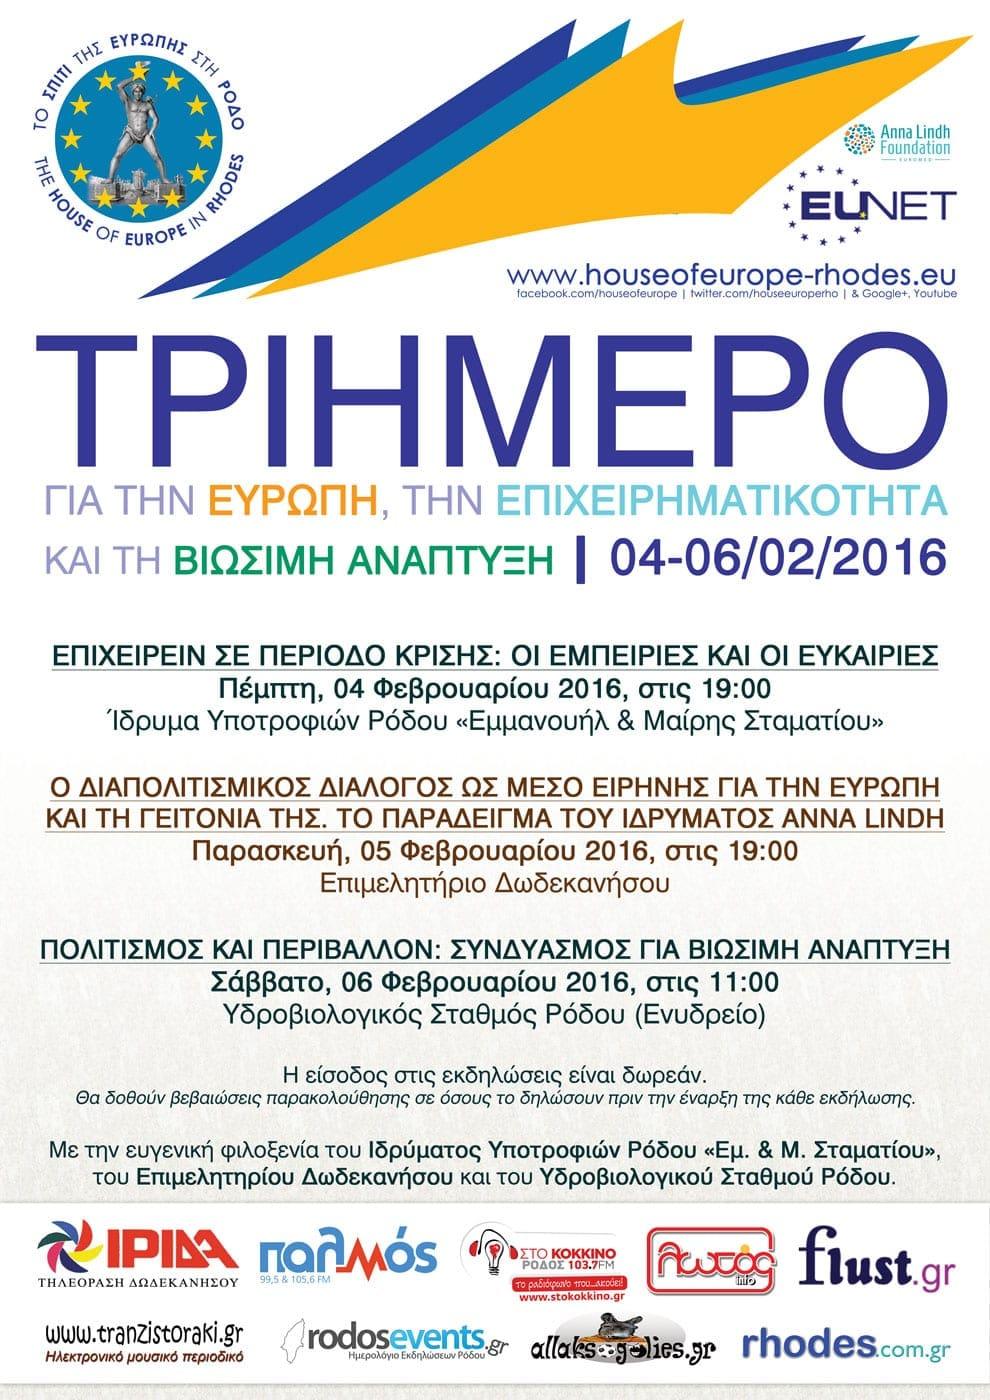 hoeir_20160204-06_poster_gen